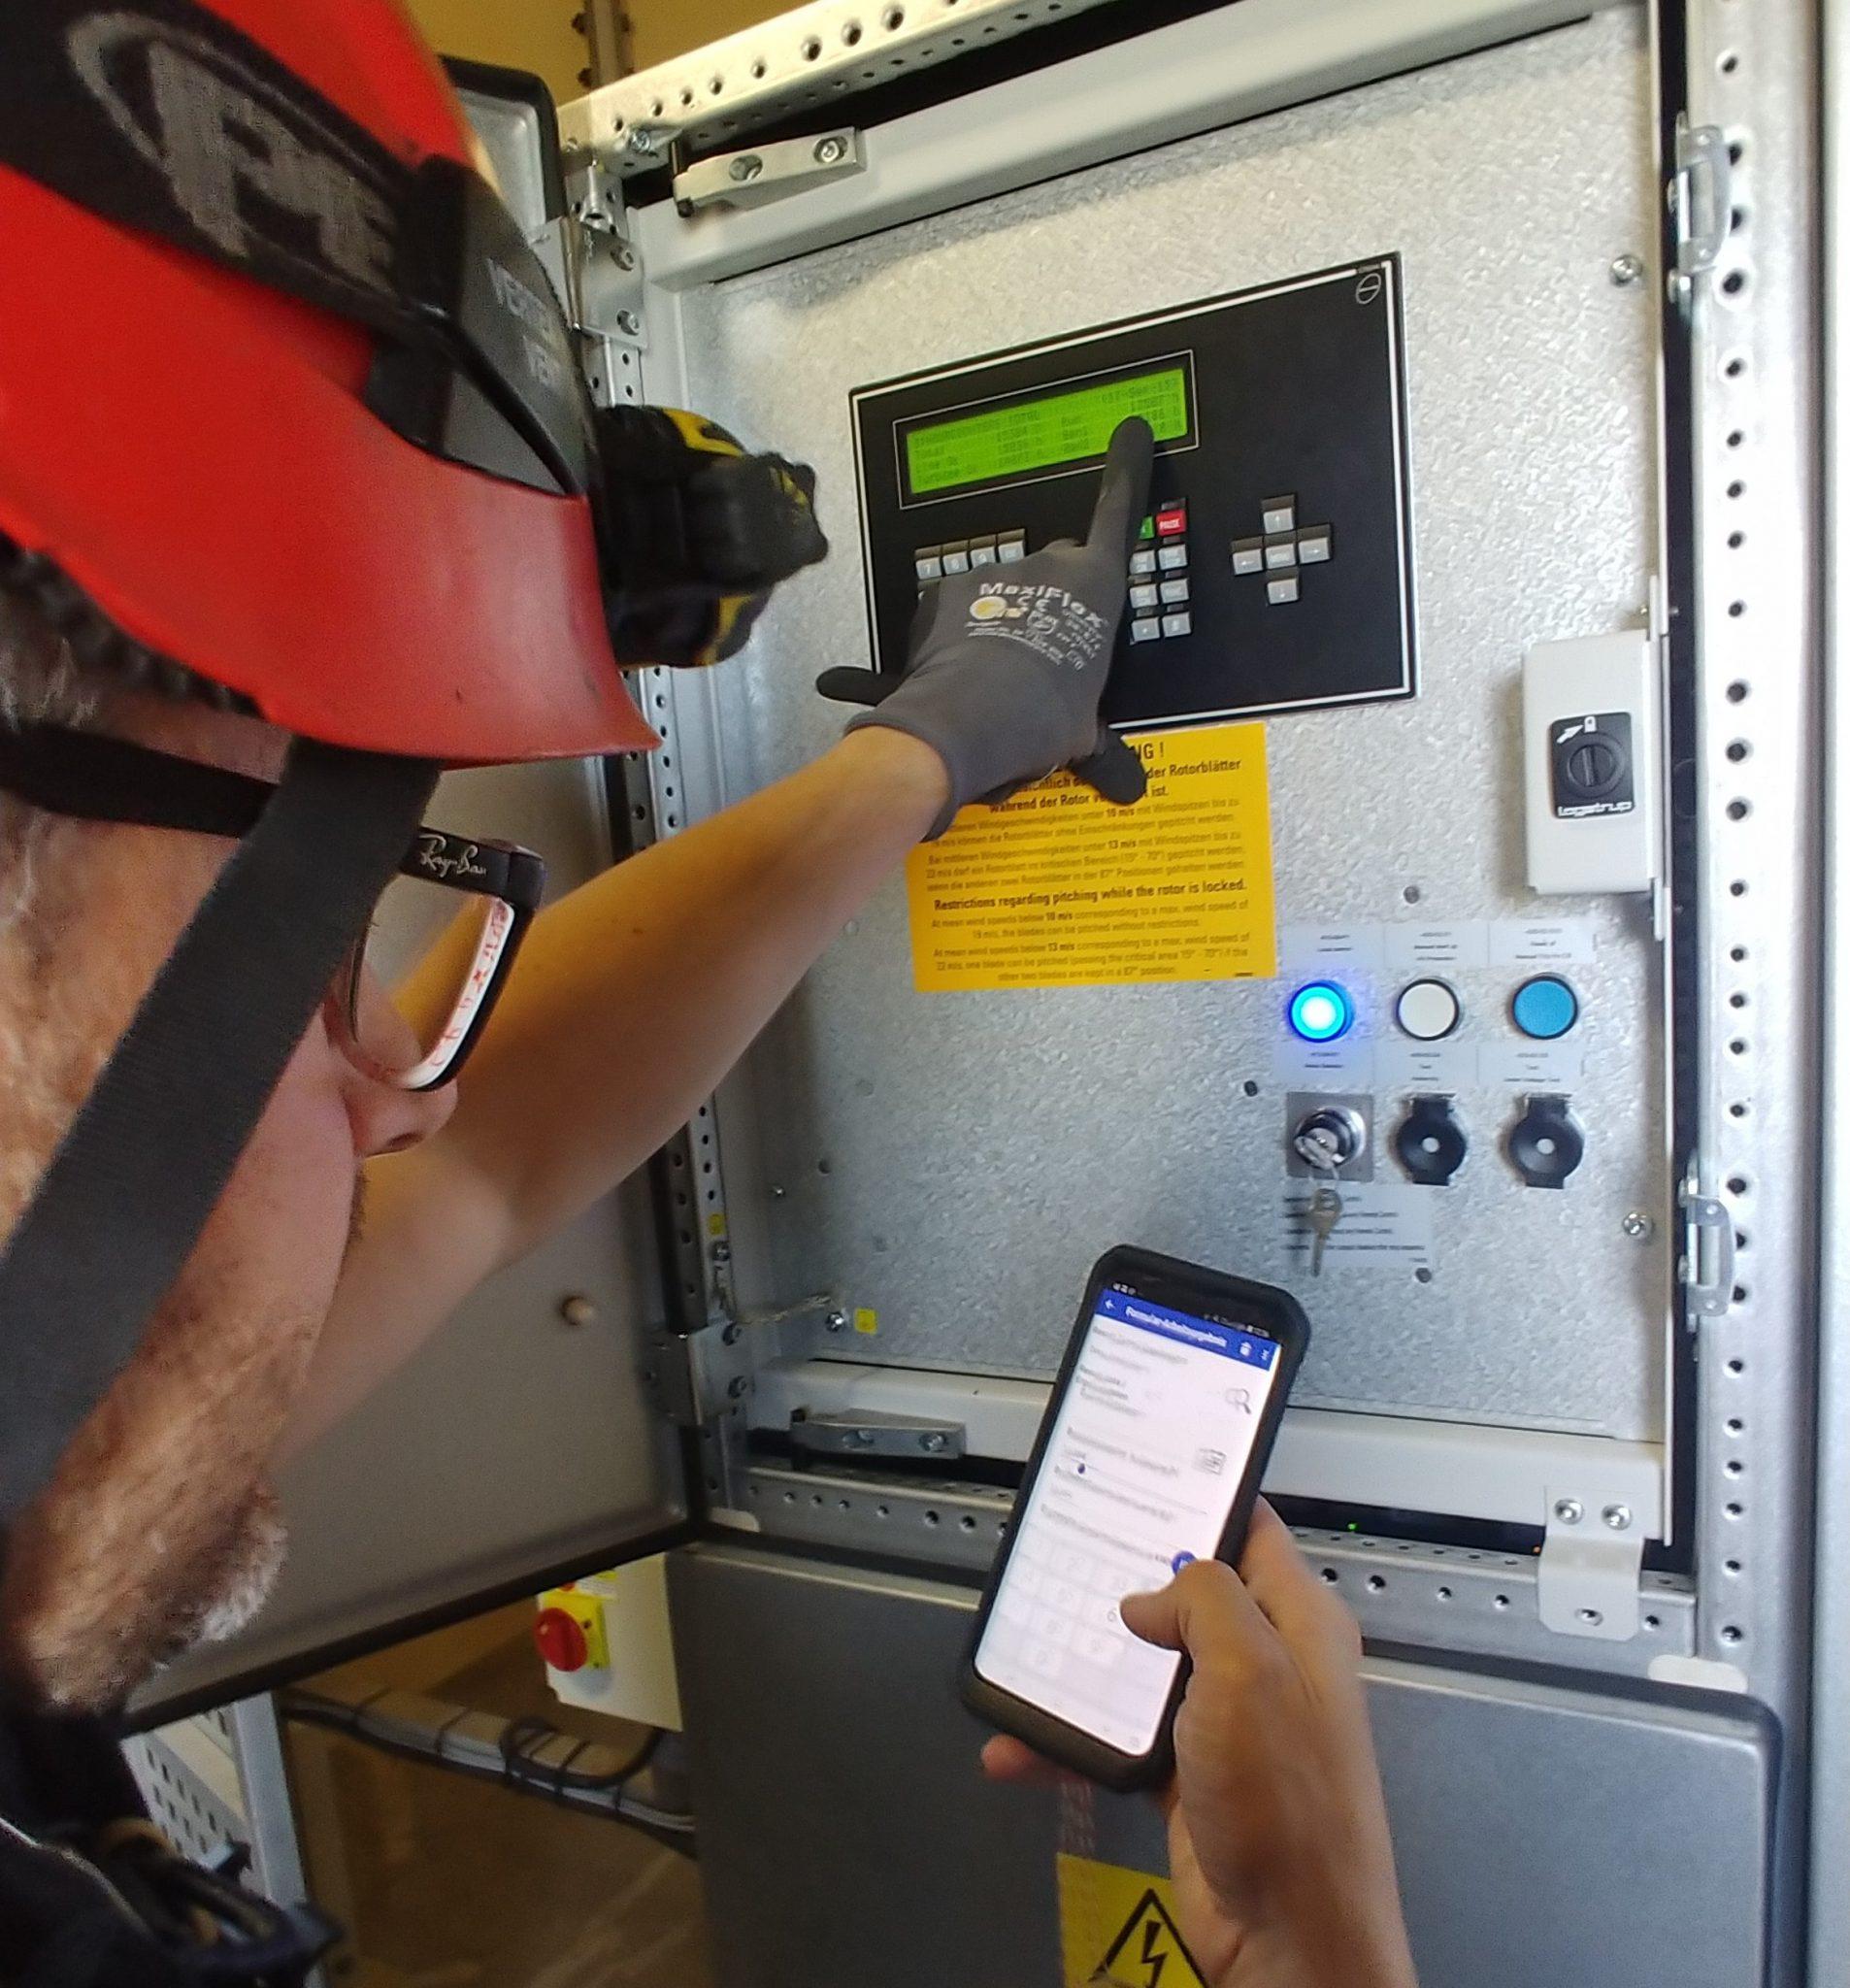 Windenergieinspektion mit mobiler Checkliste